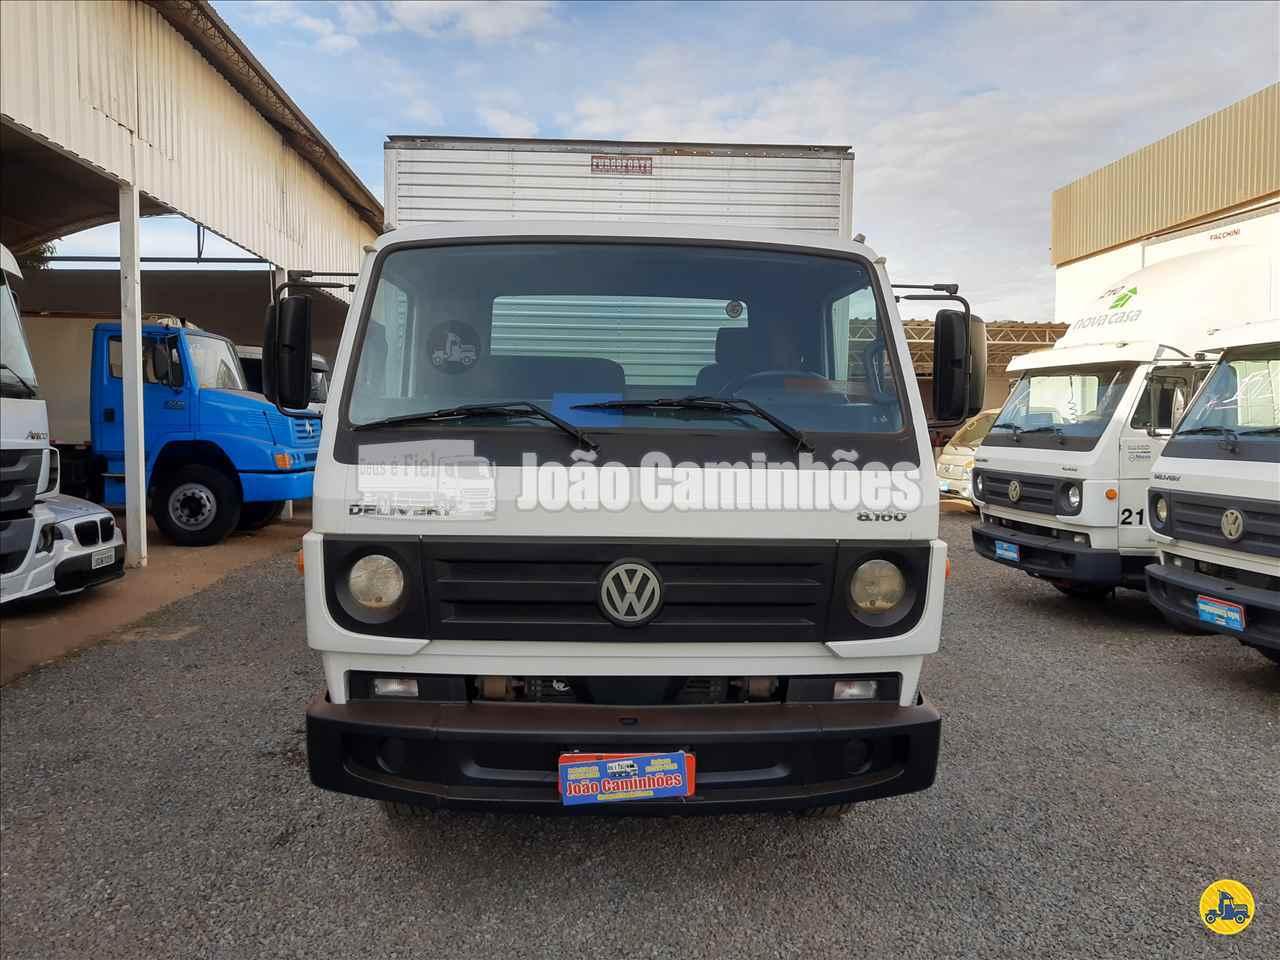 CAMINHAO VOLKSWAGEN VW 8160 Baú Furgão 3/4 4x2 João Caminhões BRASILIA DISTRITO FEDERAL DF